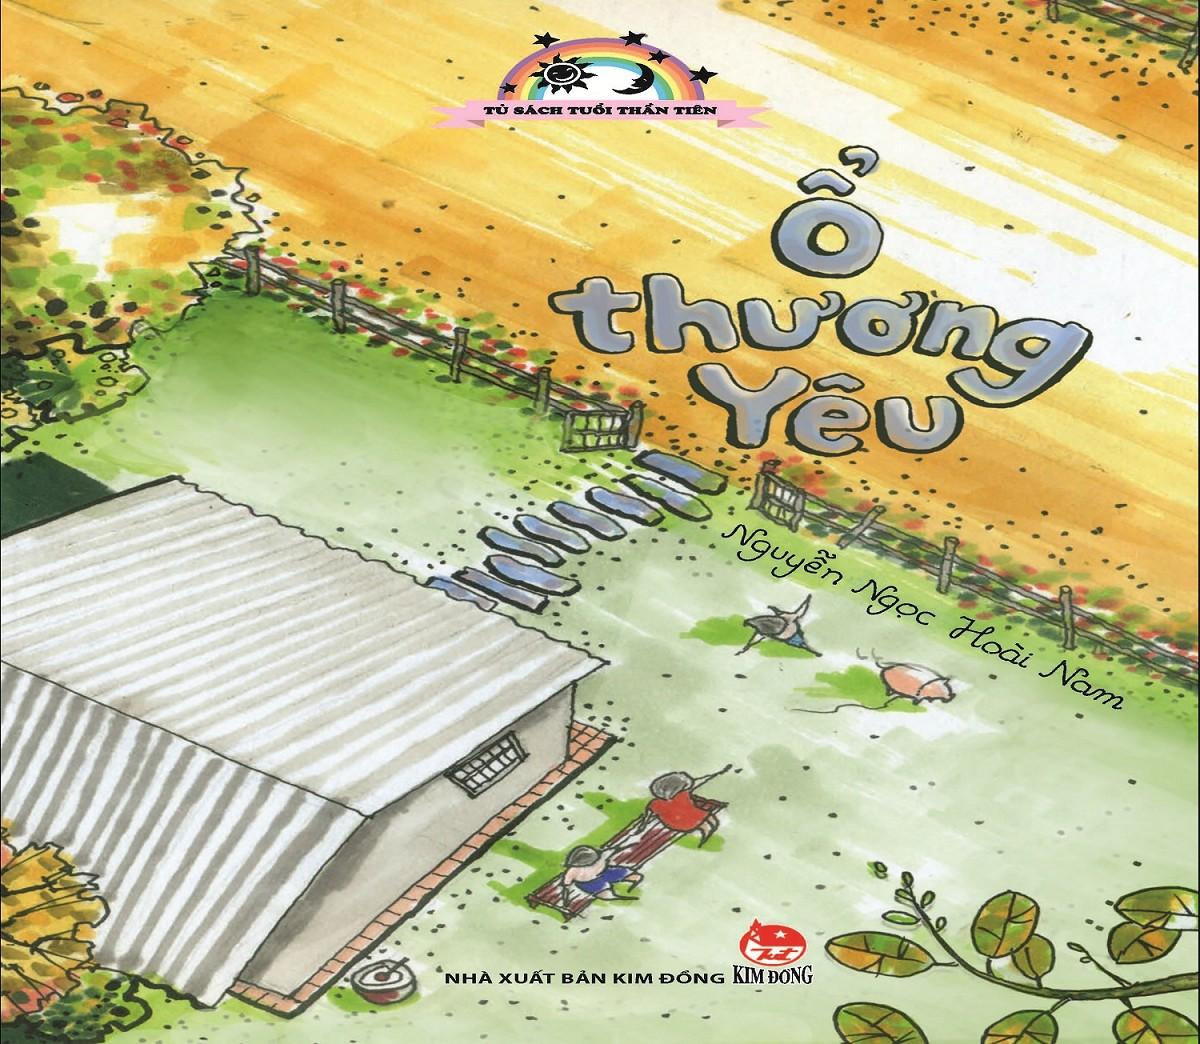 o-thuong-yeu_bia.u547.d20160926.t131647.153756.jpg